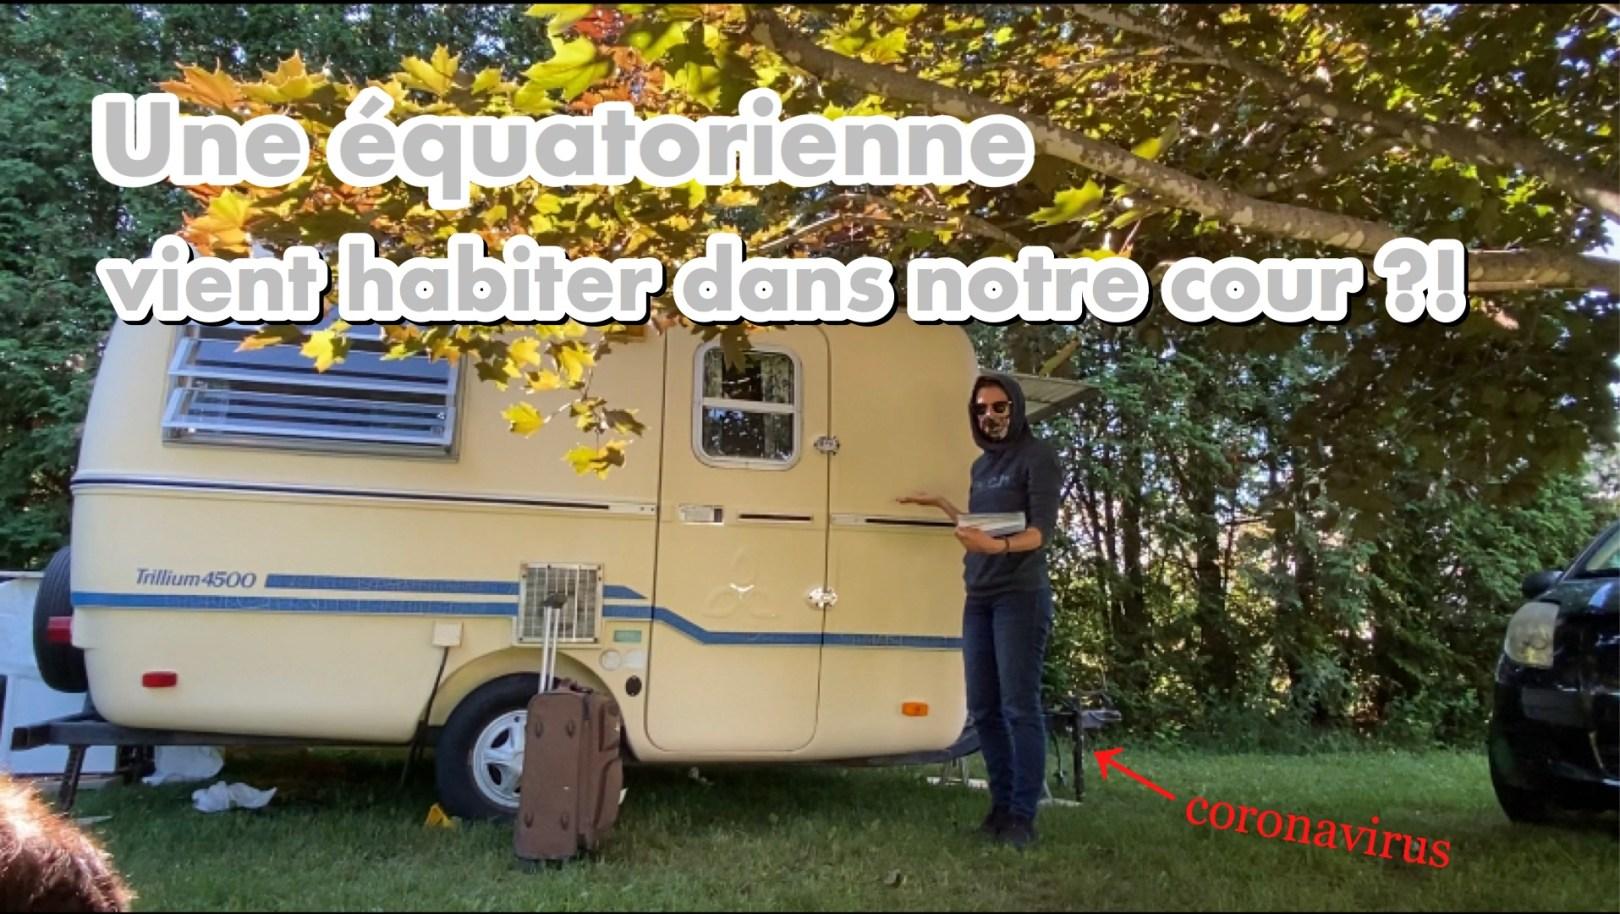 VLOG: Une Équatorienne vient habiter dans notre cour?!